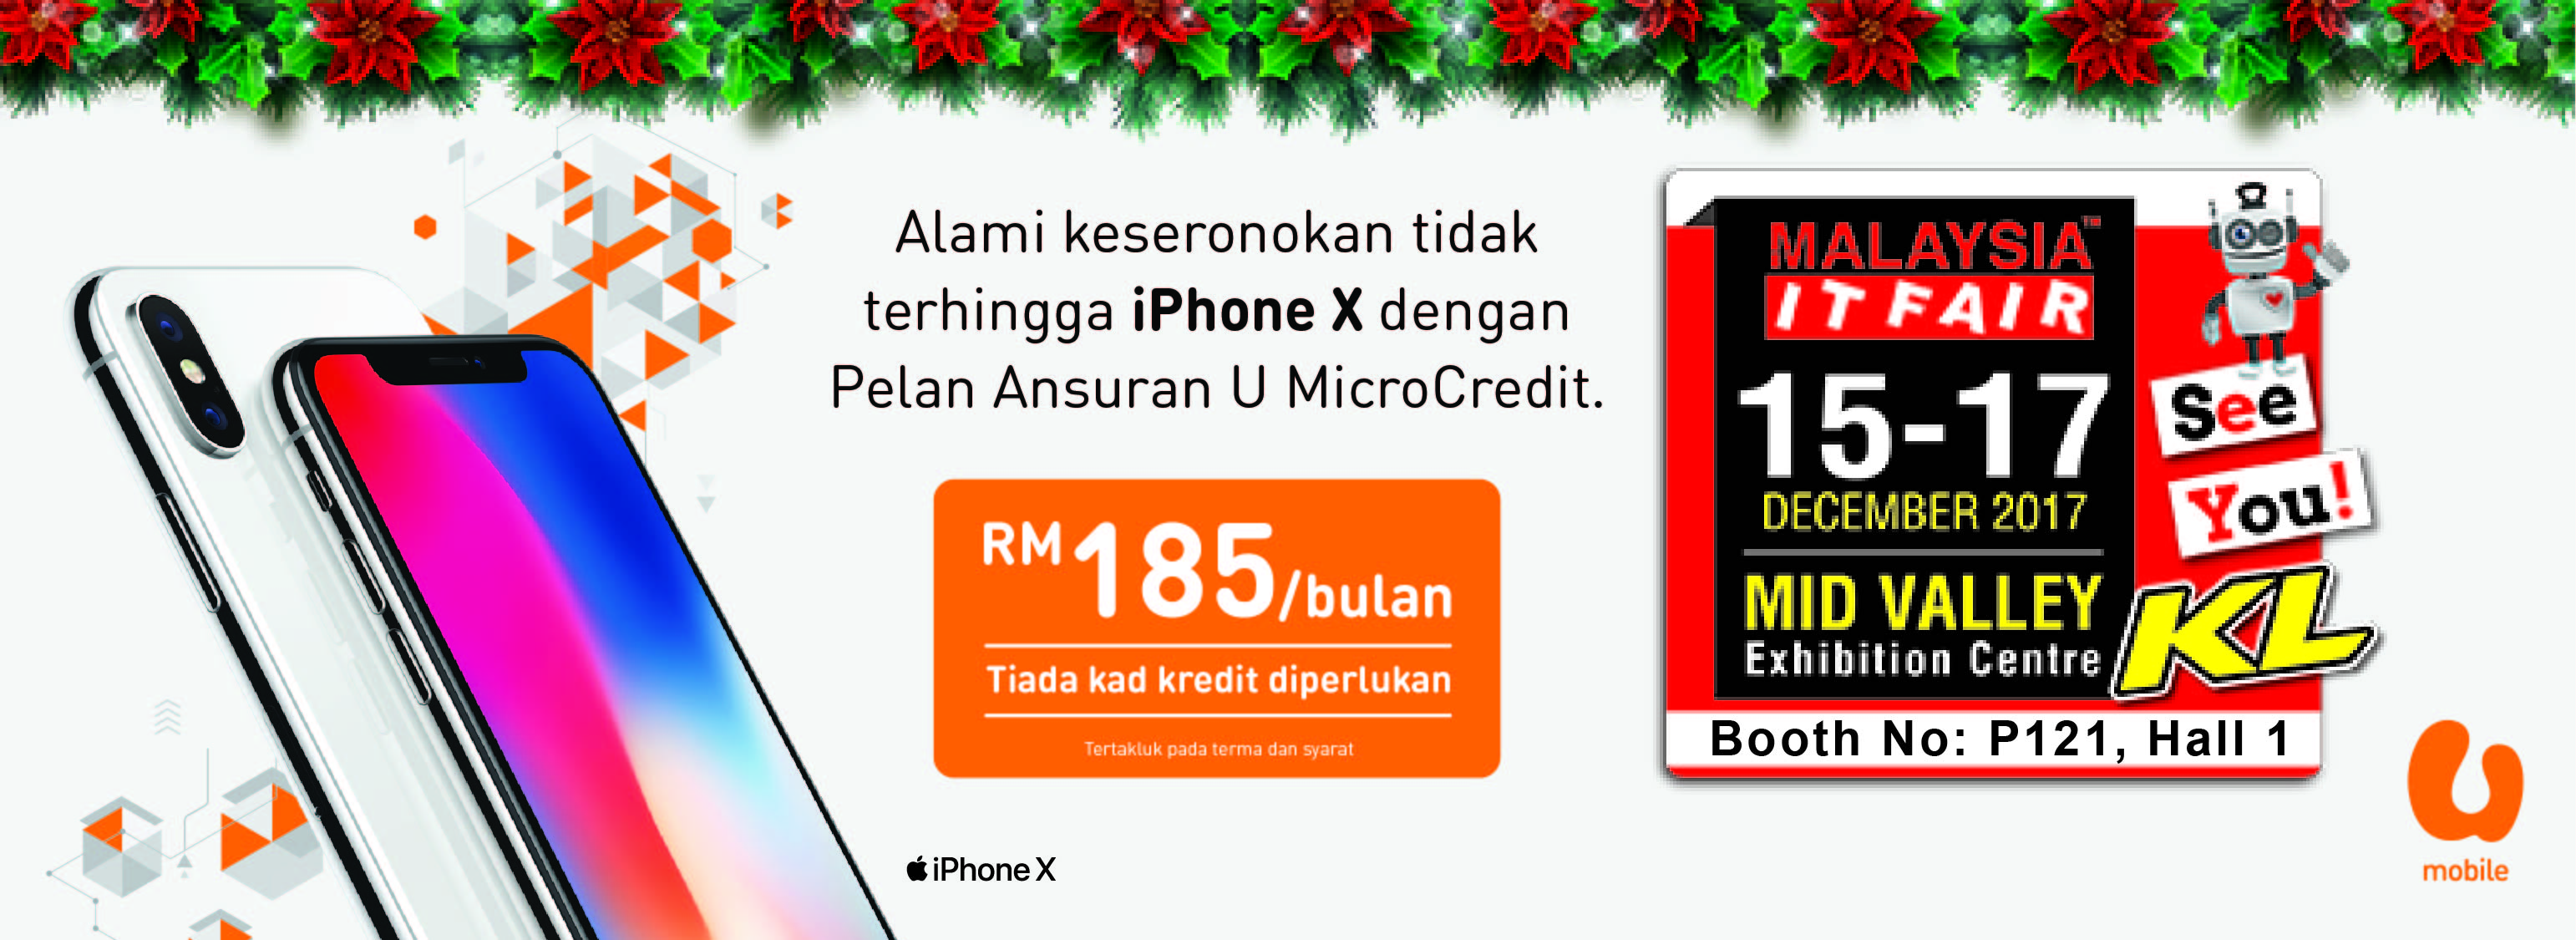 UMB0710-iPhone-X-IT-Fair-740x270-Website-R2_2-01